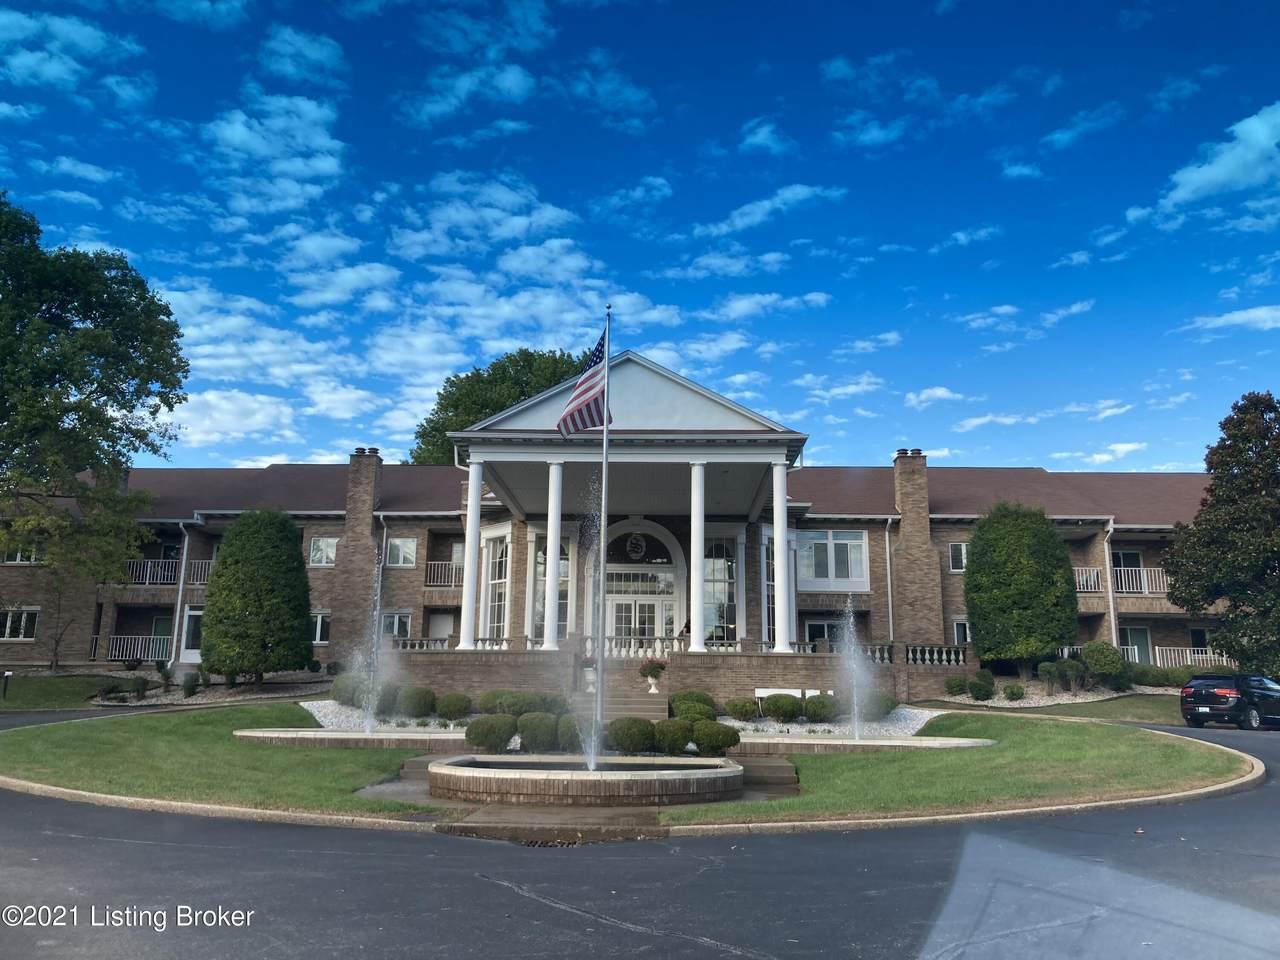 8605 Shelbyville Rd - Photo 1